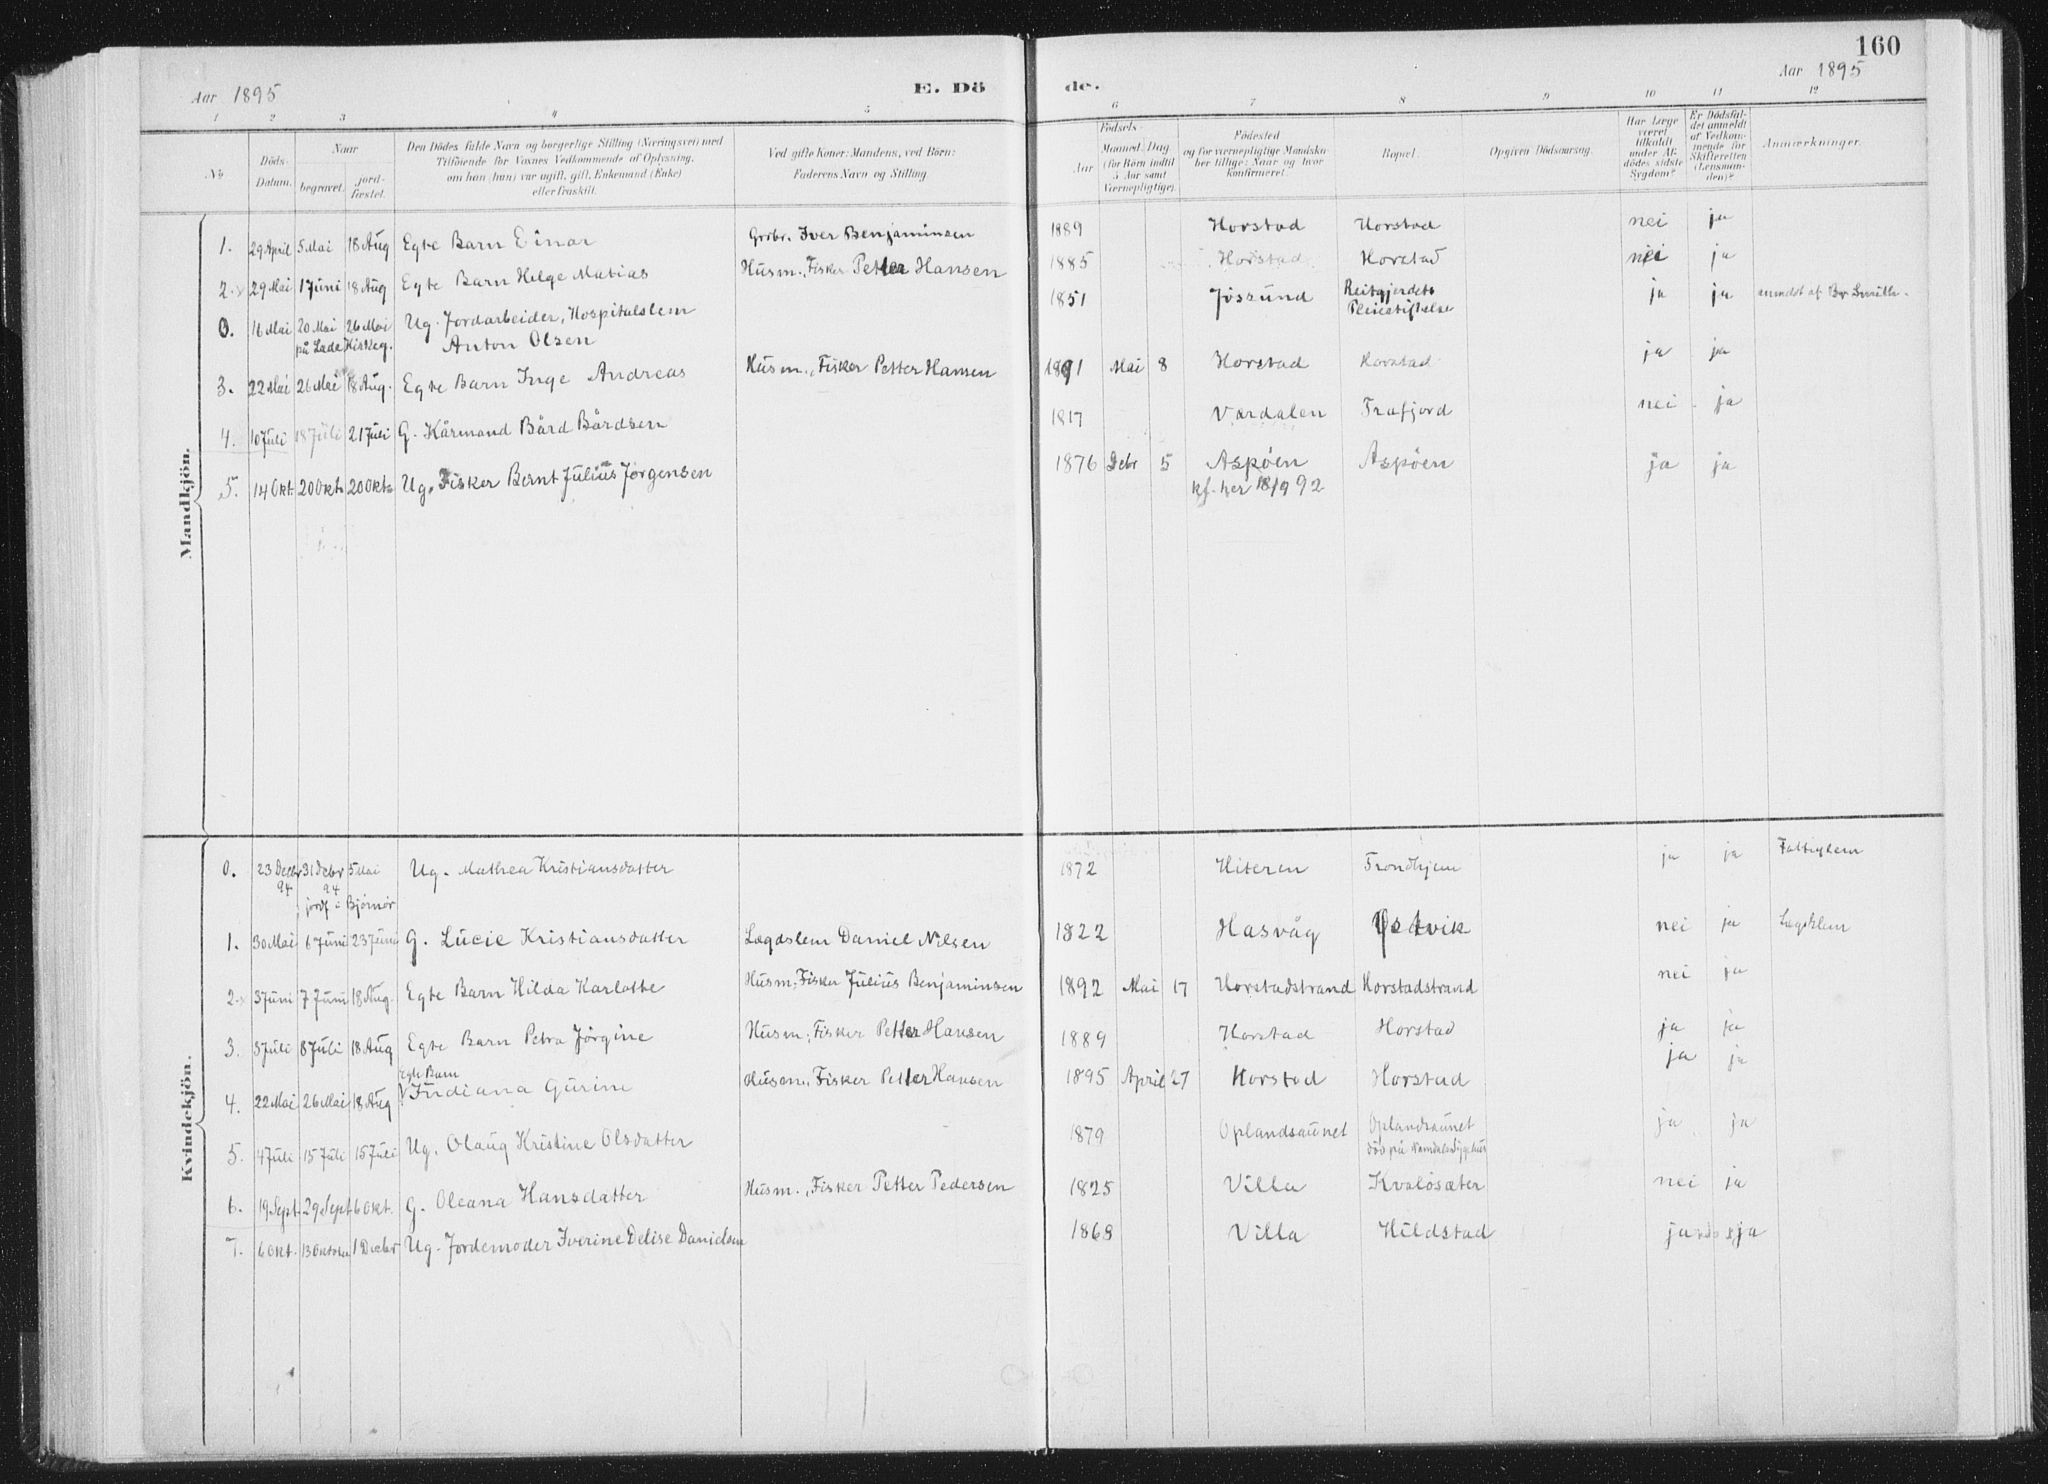 SAT, Ministerialprotokoller, klokkerbøker og fødselsregistre - Nord-Trøndelag, 771/L0597: Ministerialbok nr. 771A04, 1885-1910, s. 160